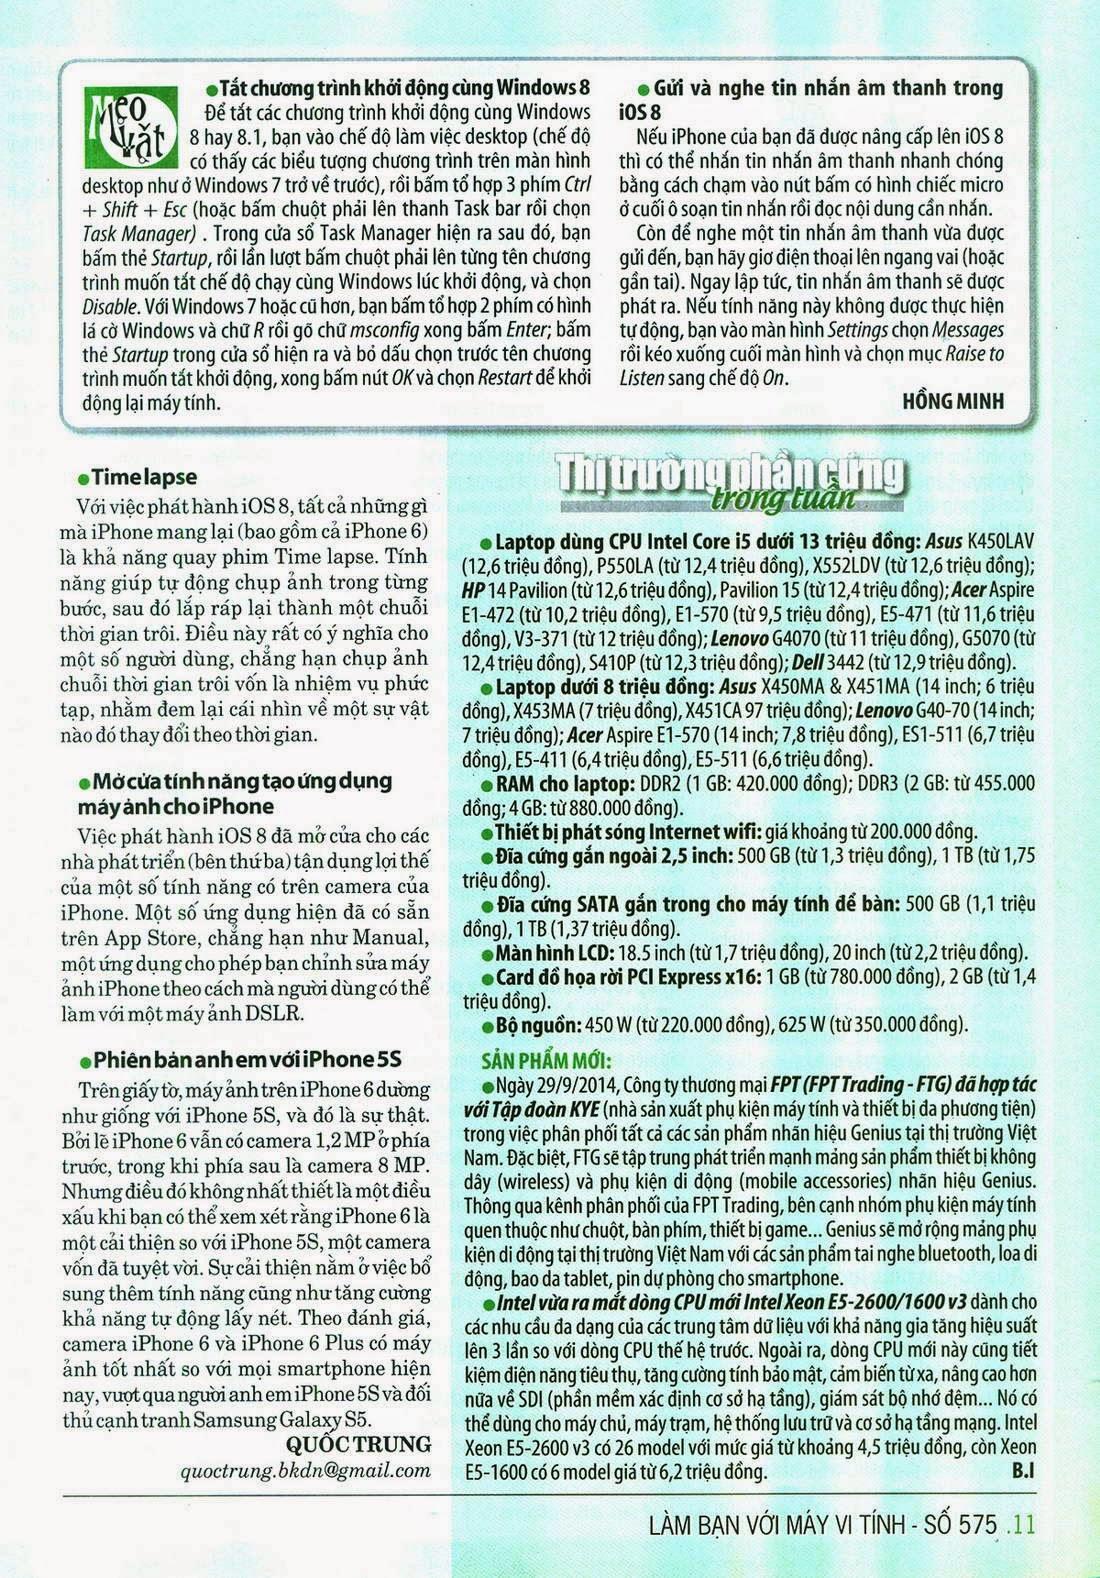 Làm Bạn Với Máy Vi Tính 575 tapchicntt.com